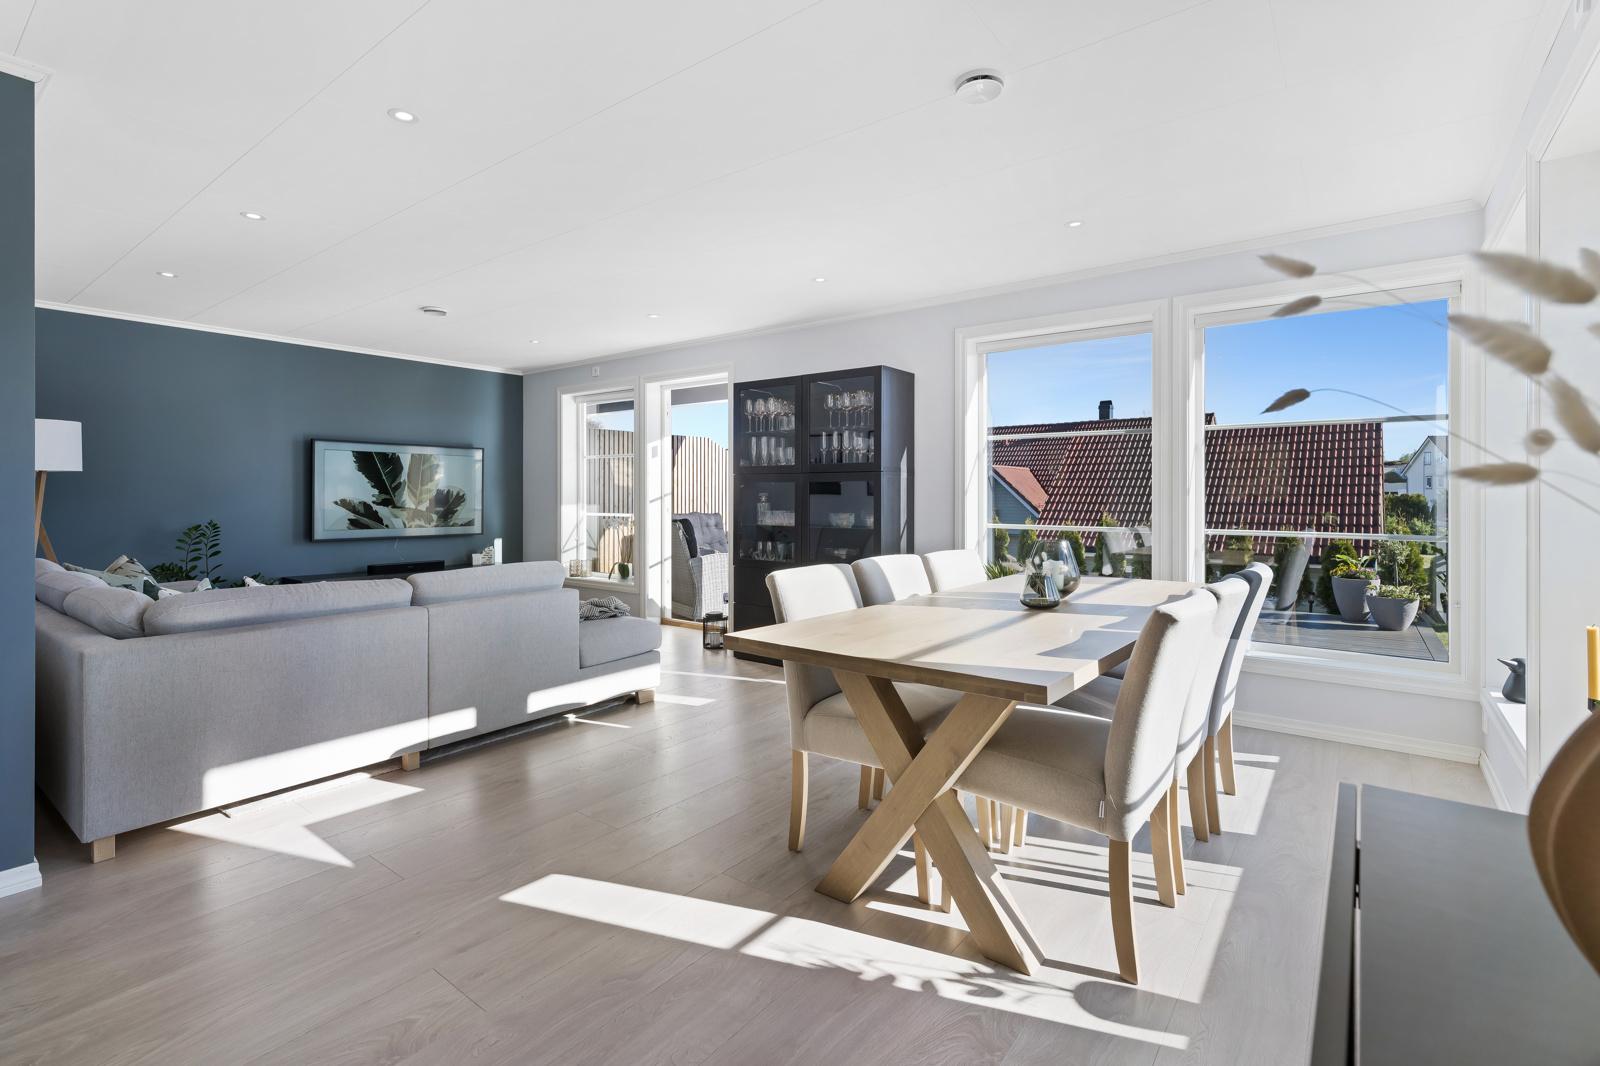 Flott stue med innfelte LED-spotter i tak og kontrastvegg